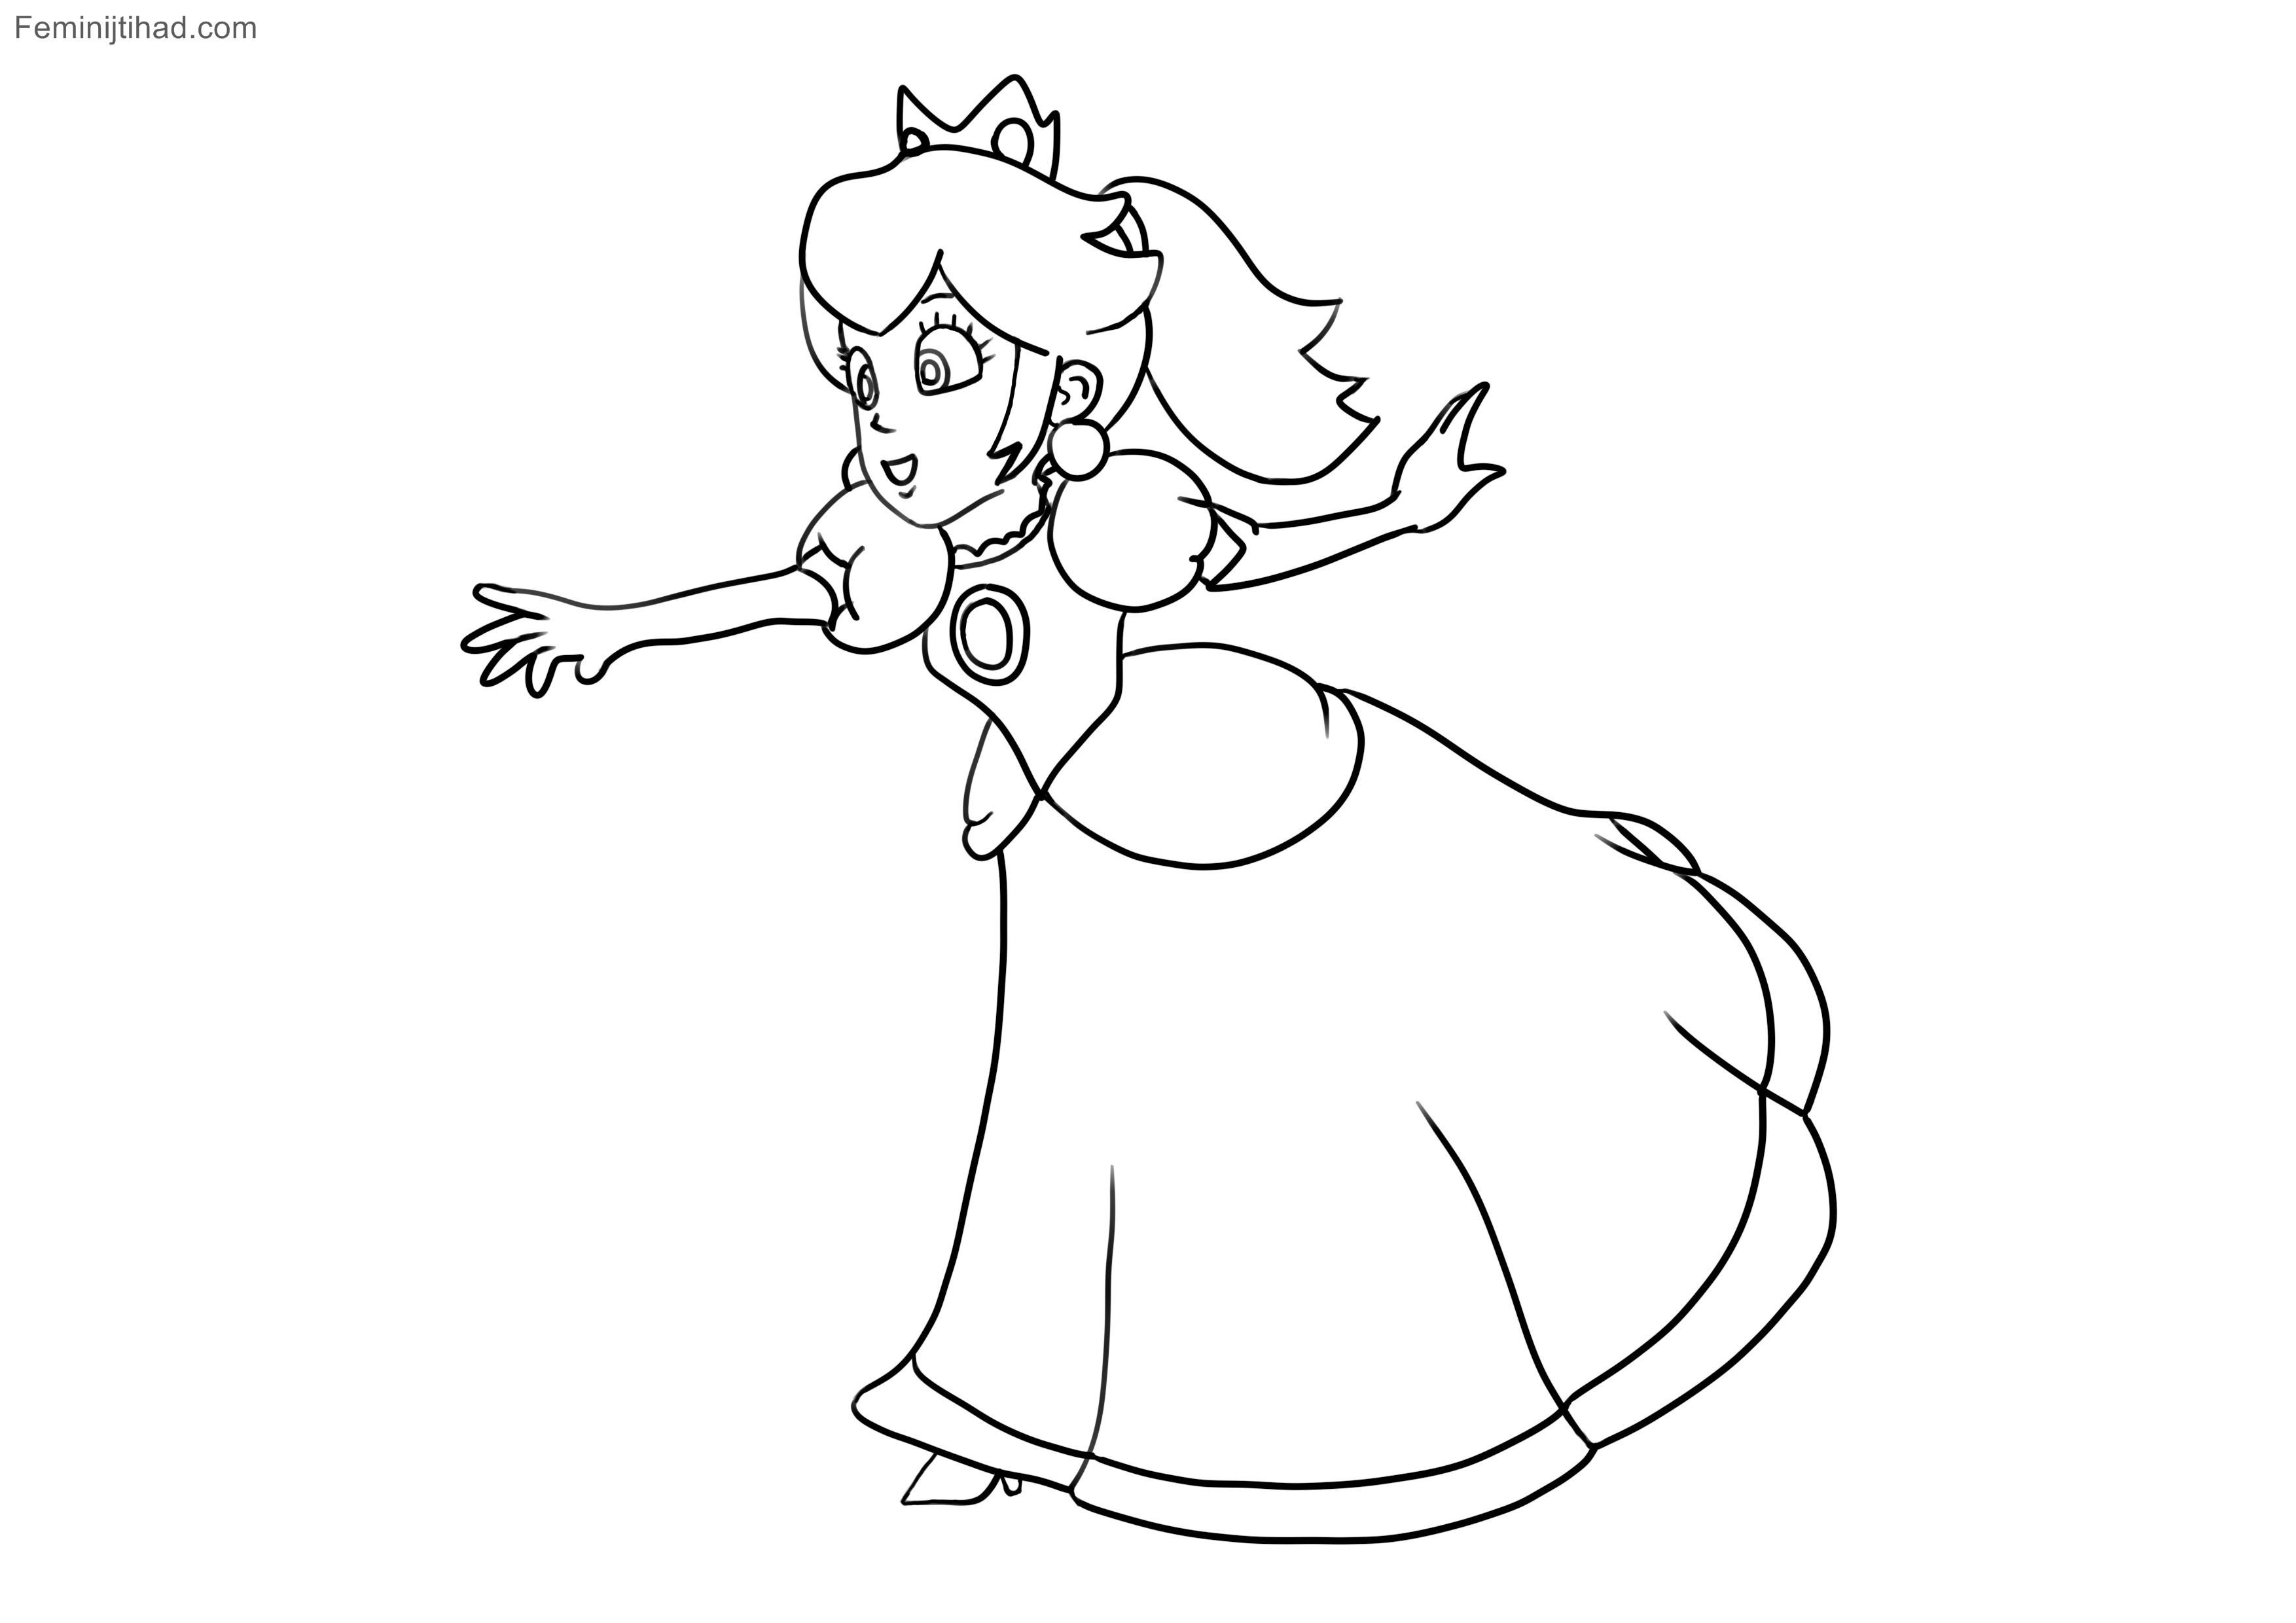 Super Mario Ausmalbilder Neu 9 Peach Coloring Page Frisch Super Mario Ausmalbilder Peach Sammlung